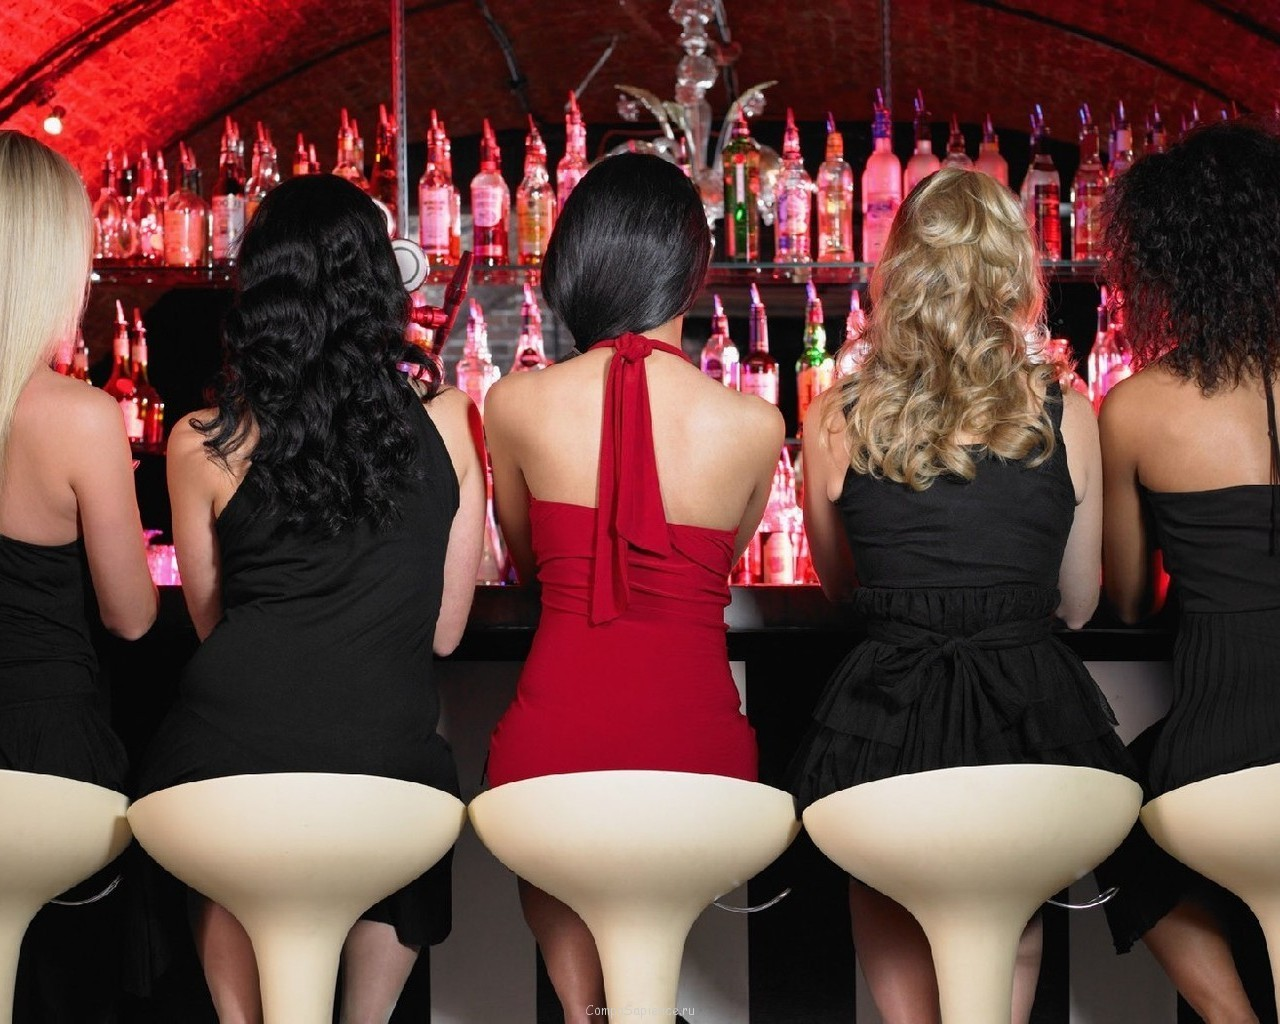 Съем девок в клубе 20 фотография